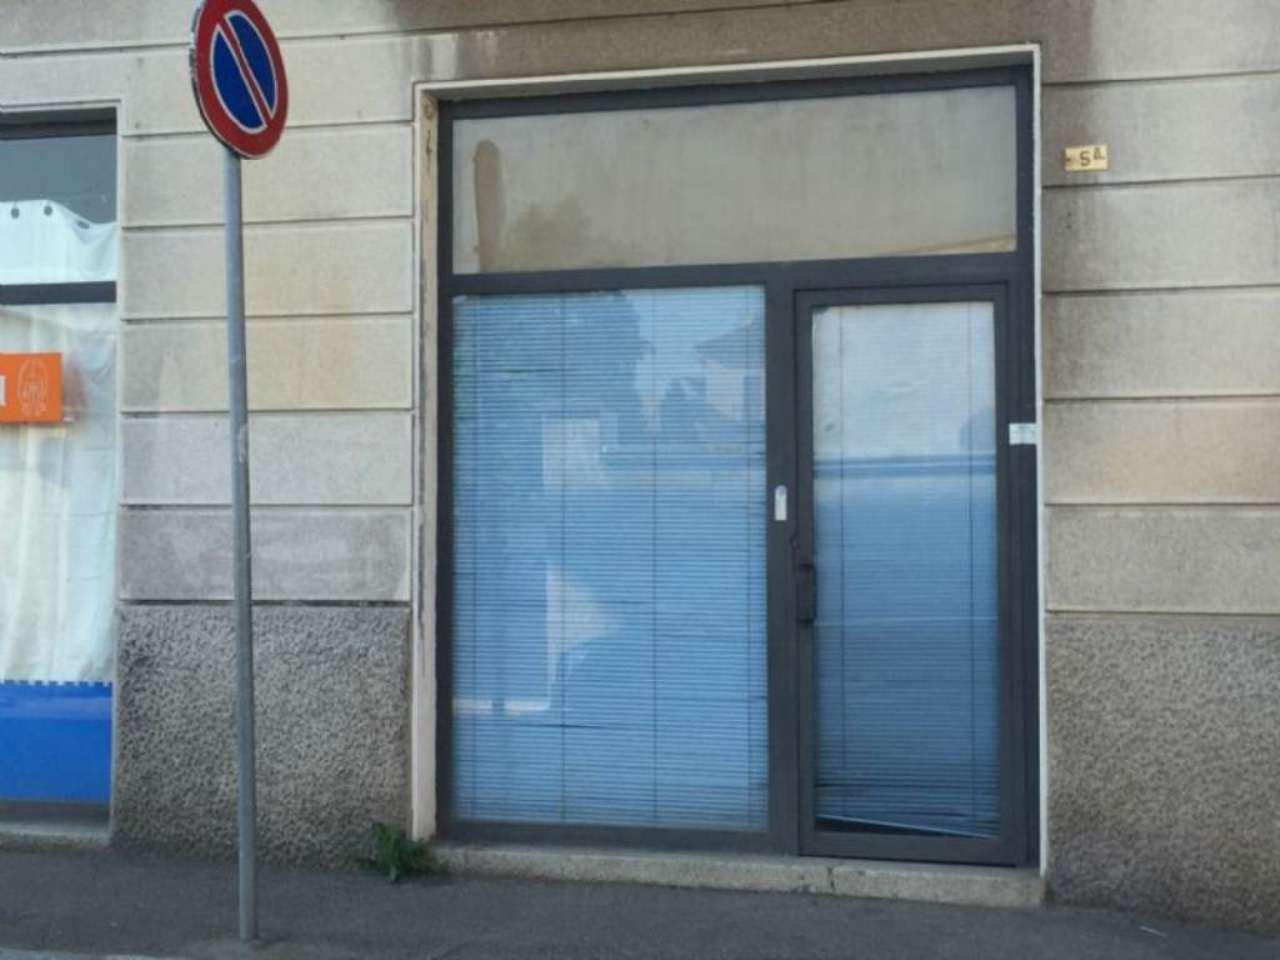 Negozio / Locale in vendita a Novara, 1 locali, prezzo € 60.000 | Cambio Casa.it